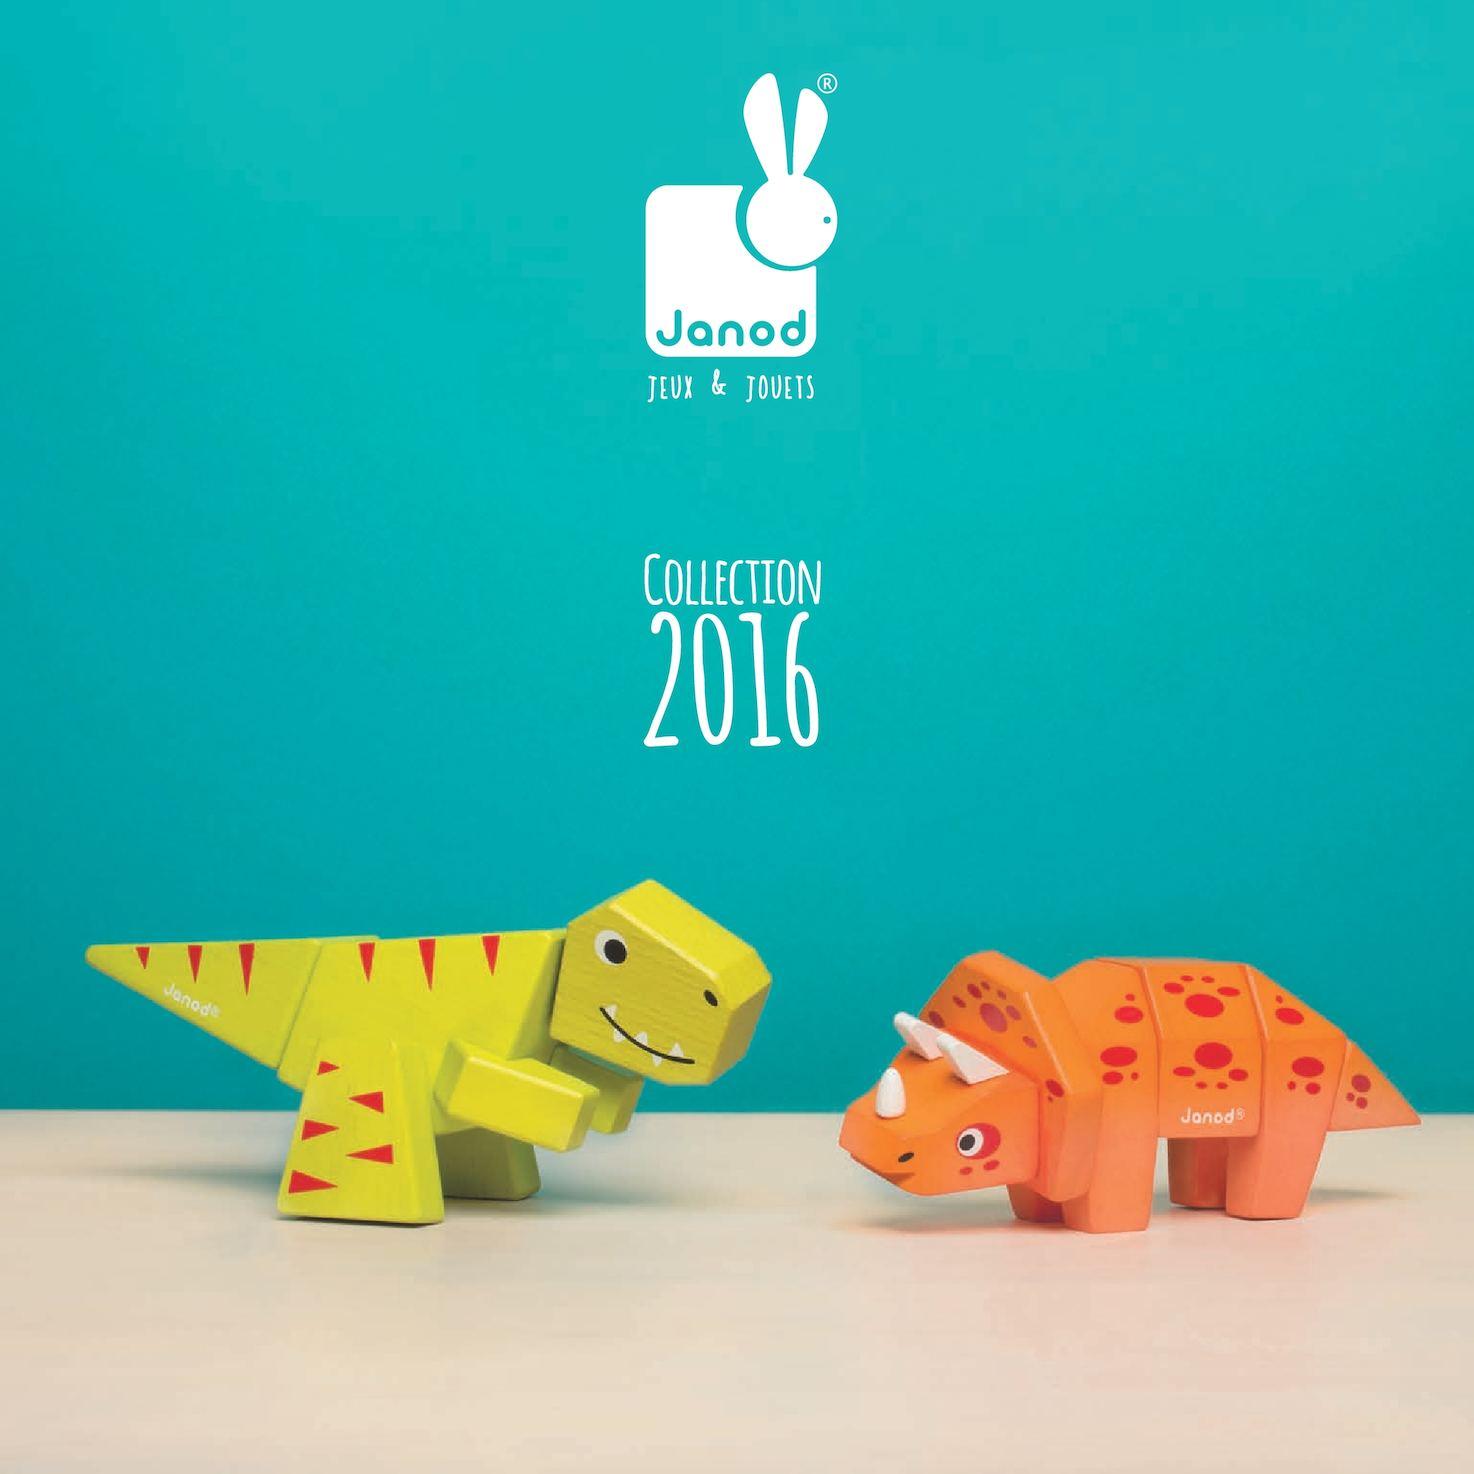 Calam o janod catalogo 2016 parte 1 for Catalogo deco 2016